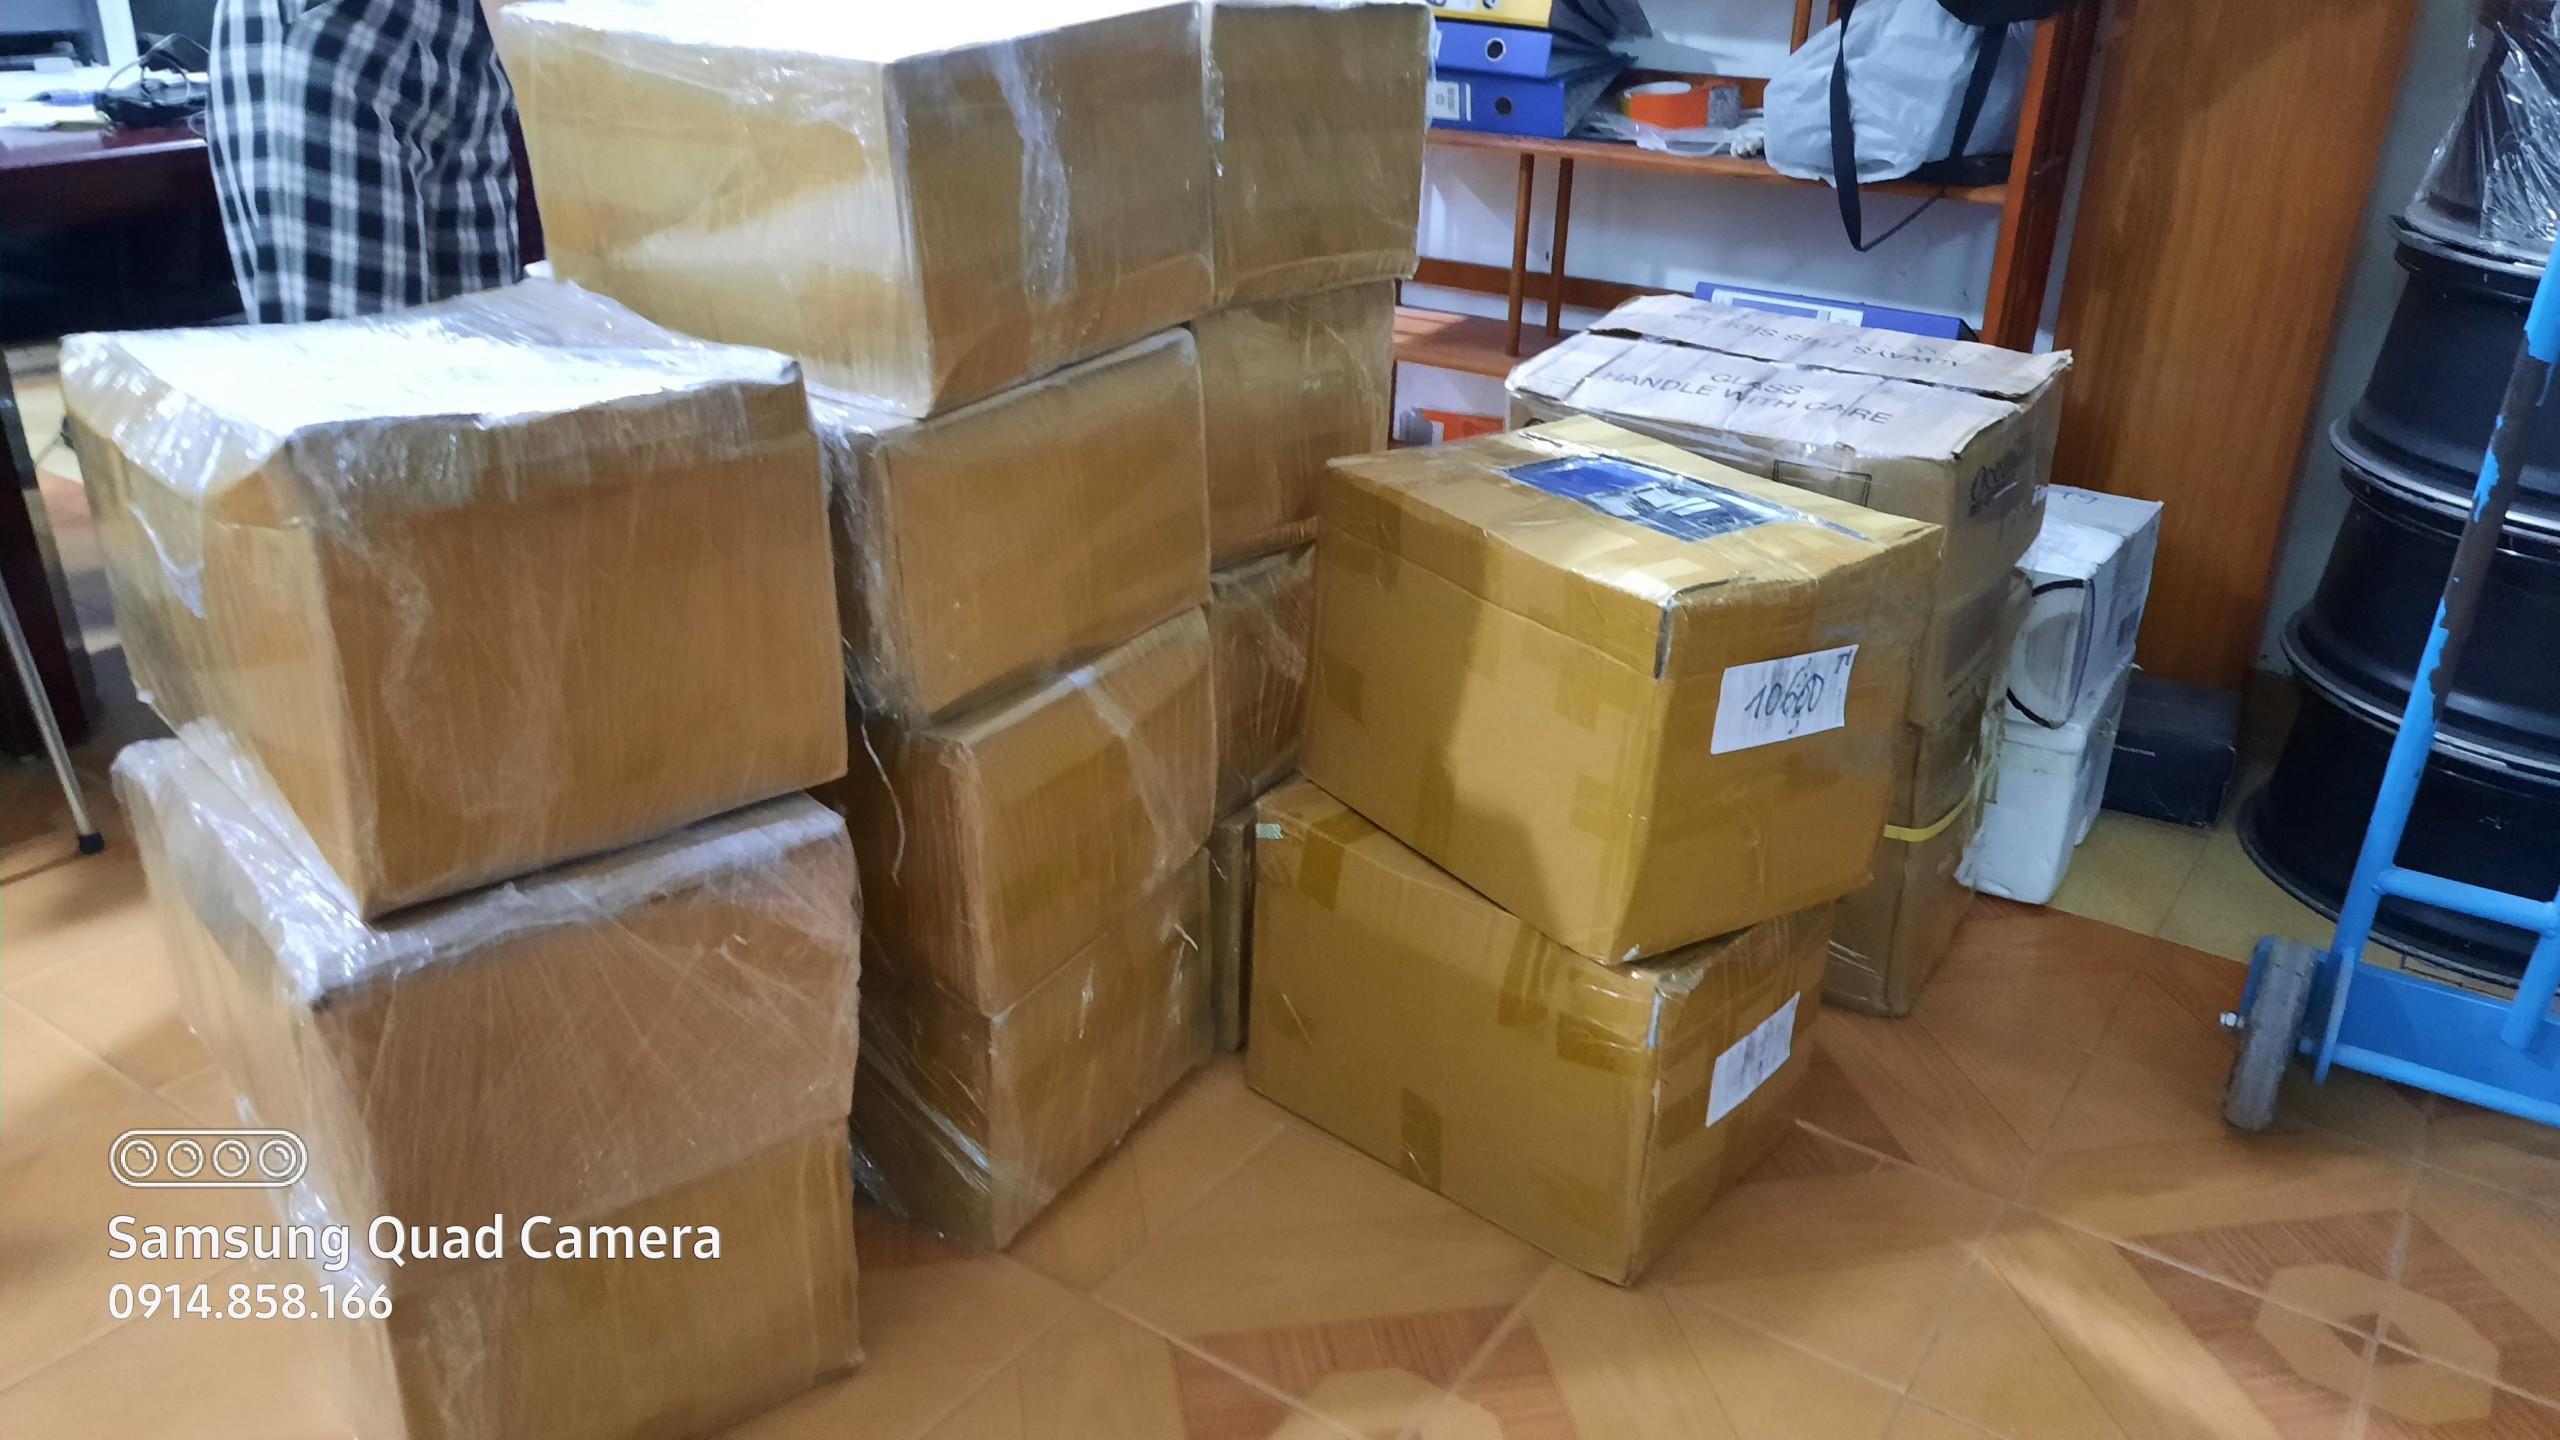 Chuyên dịch vụ chuyển phát nhanh gửi hàng mẫu đi Hàn Quốc và Nhật Bản